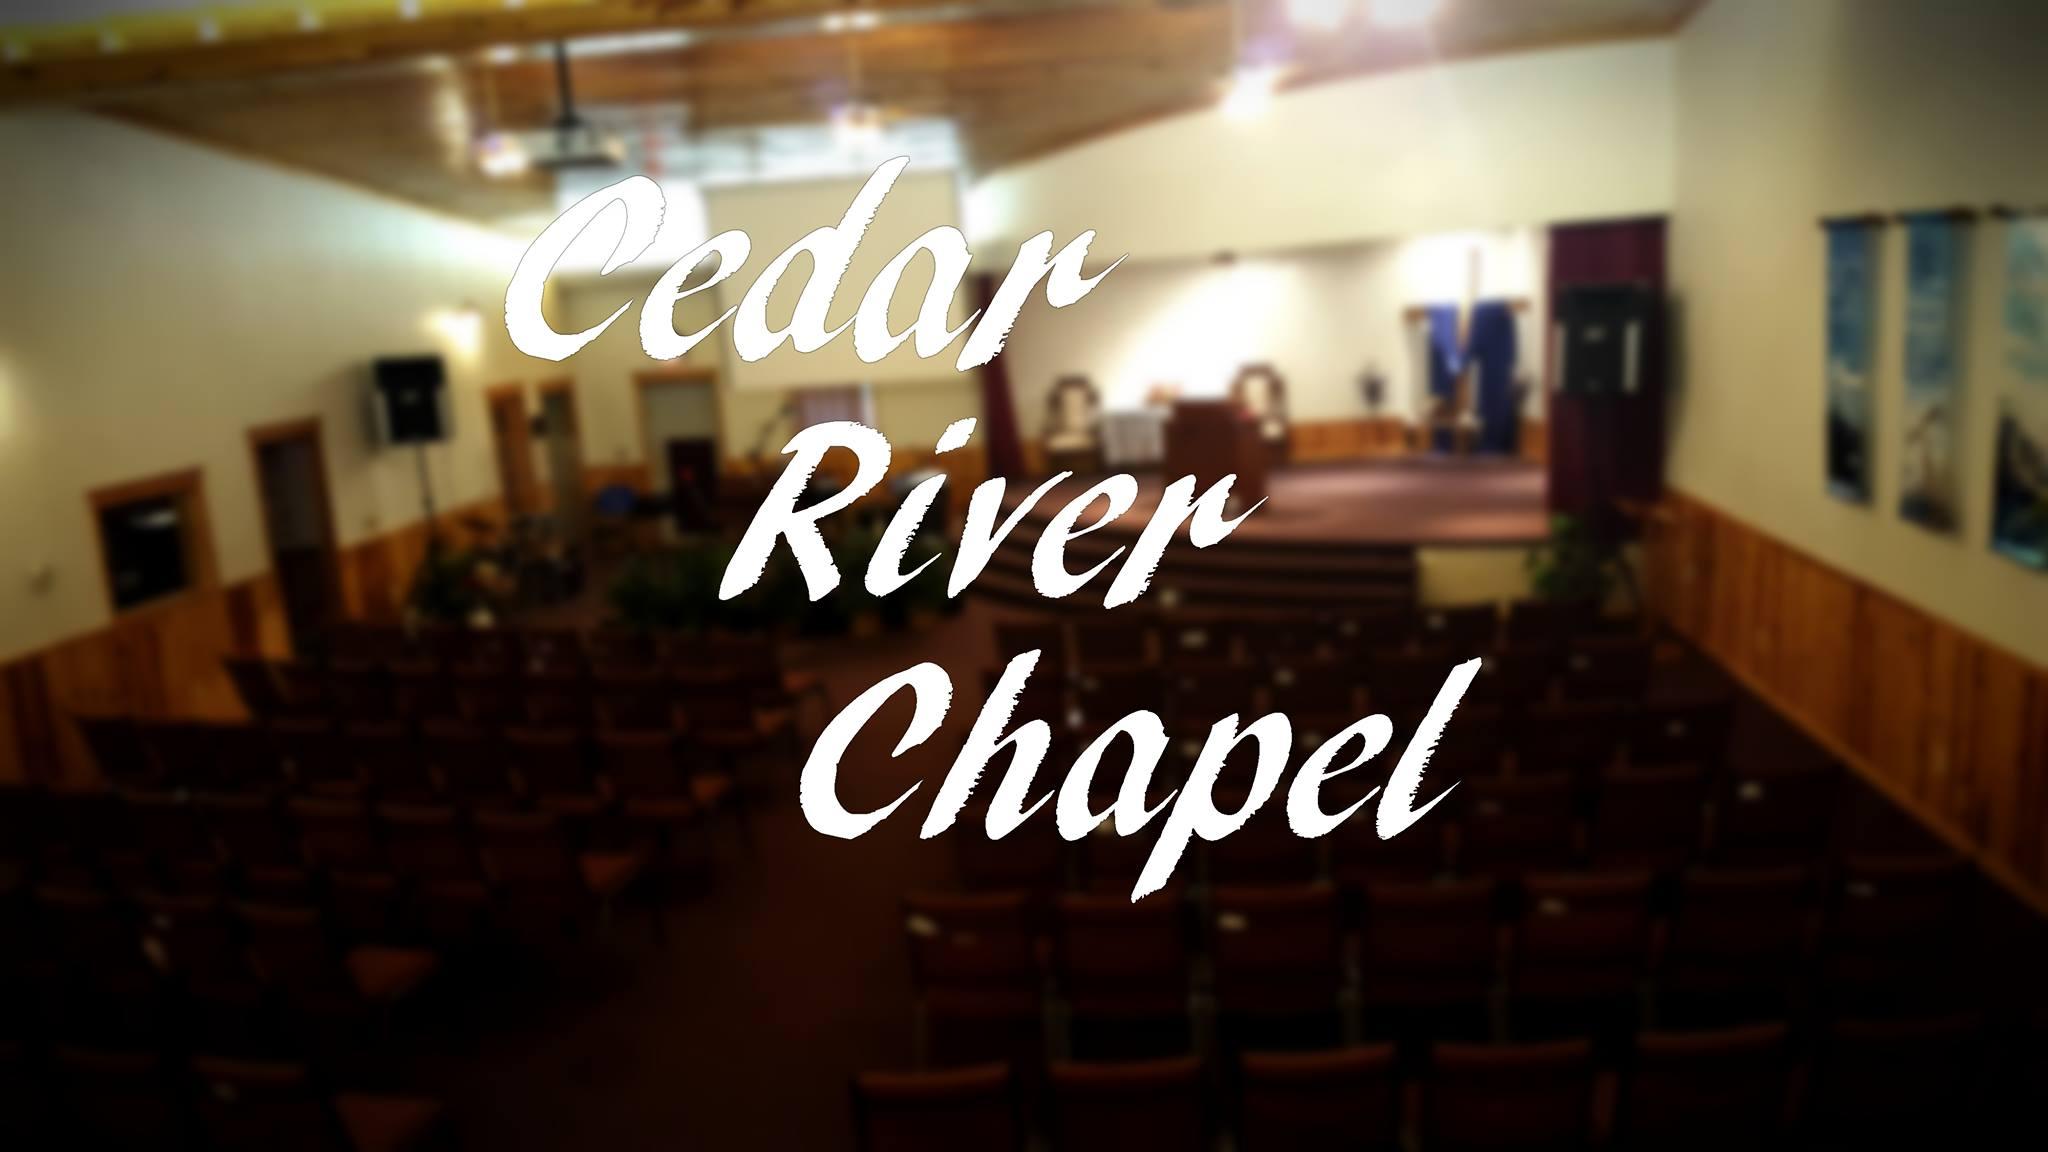 Cedar River Chapel